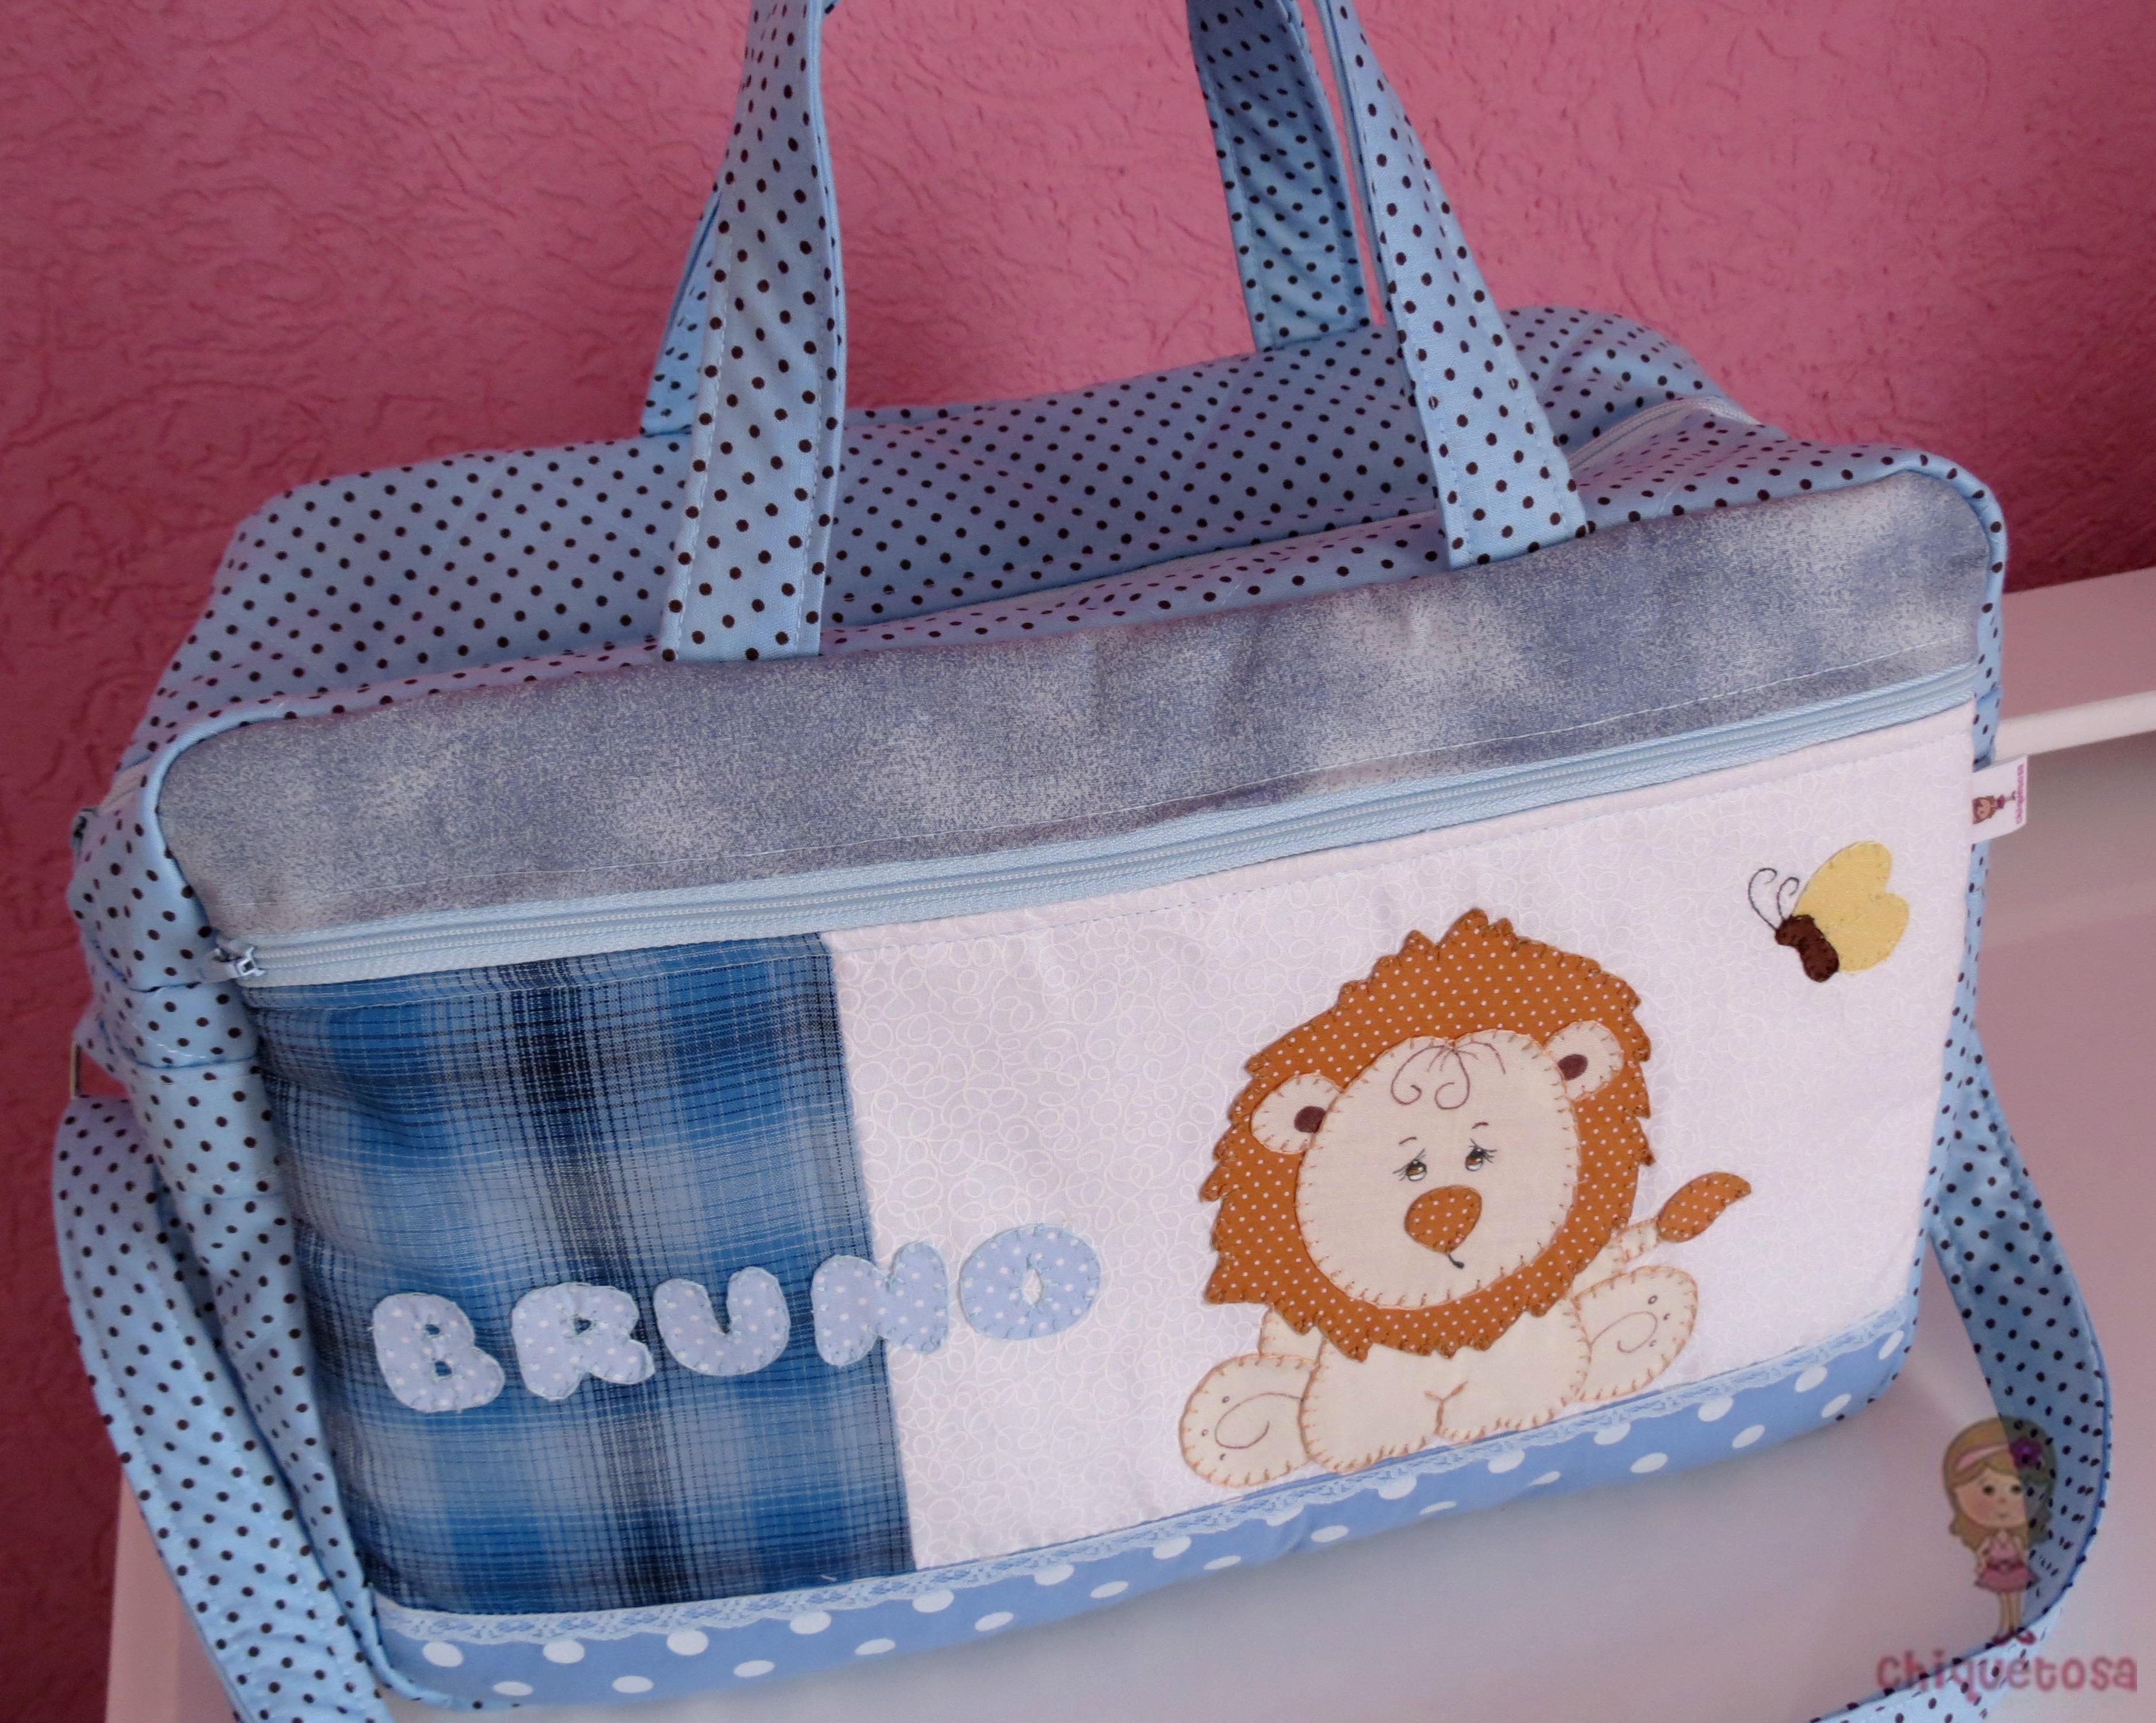 Bolsa De Viagem Em Tecido Passo A Passo : Bolsa de beb? le?o ateli? chiquetosa elo